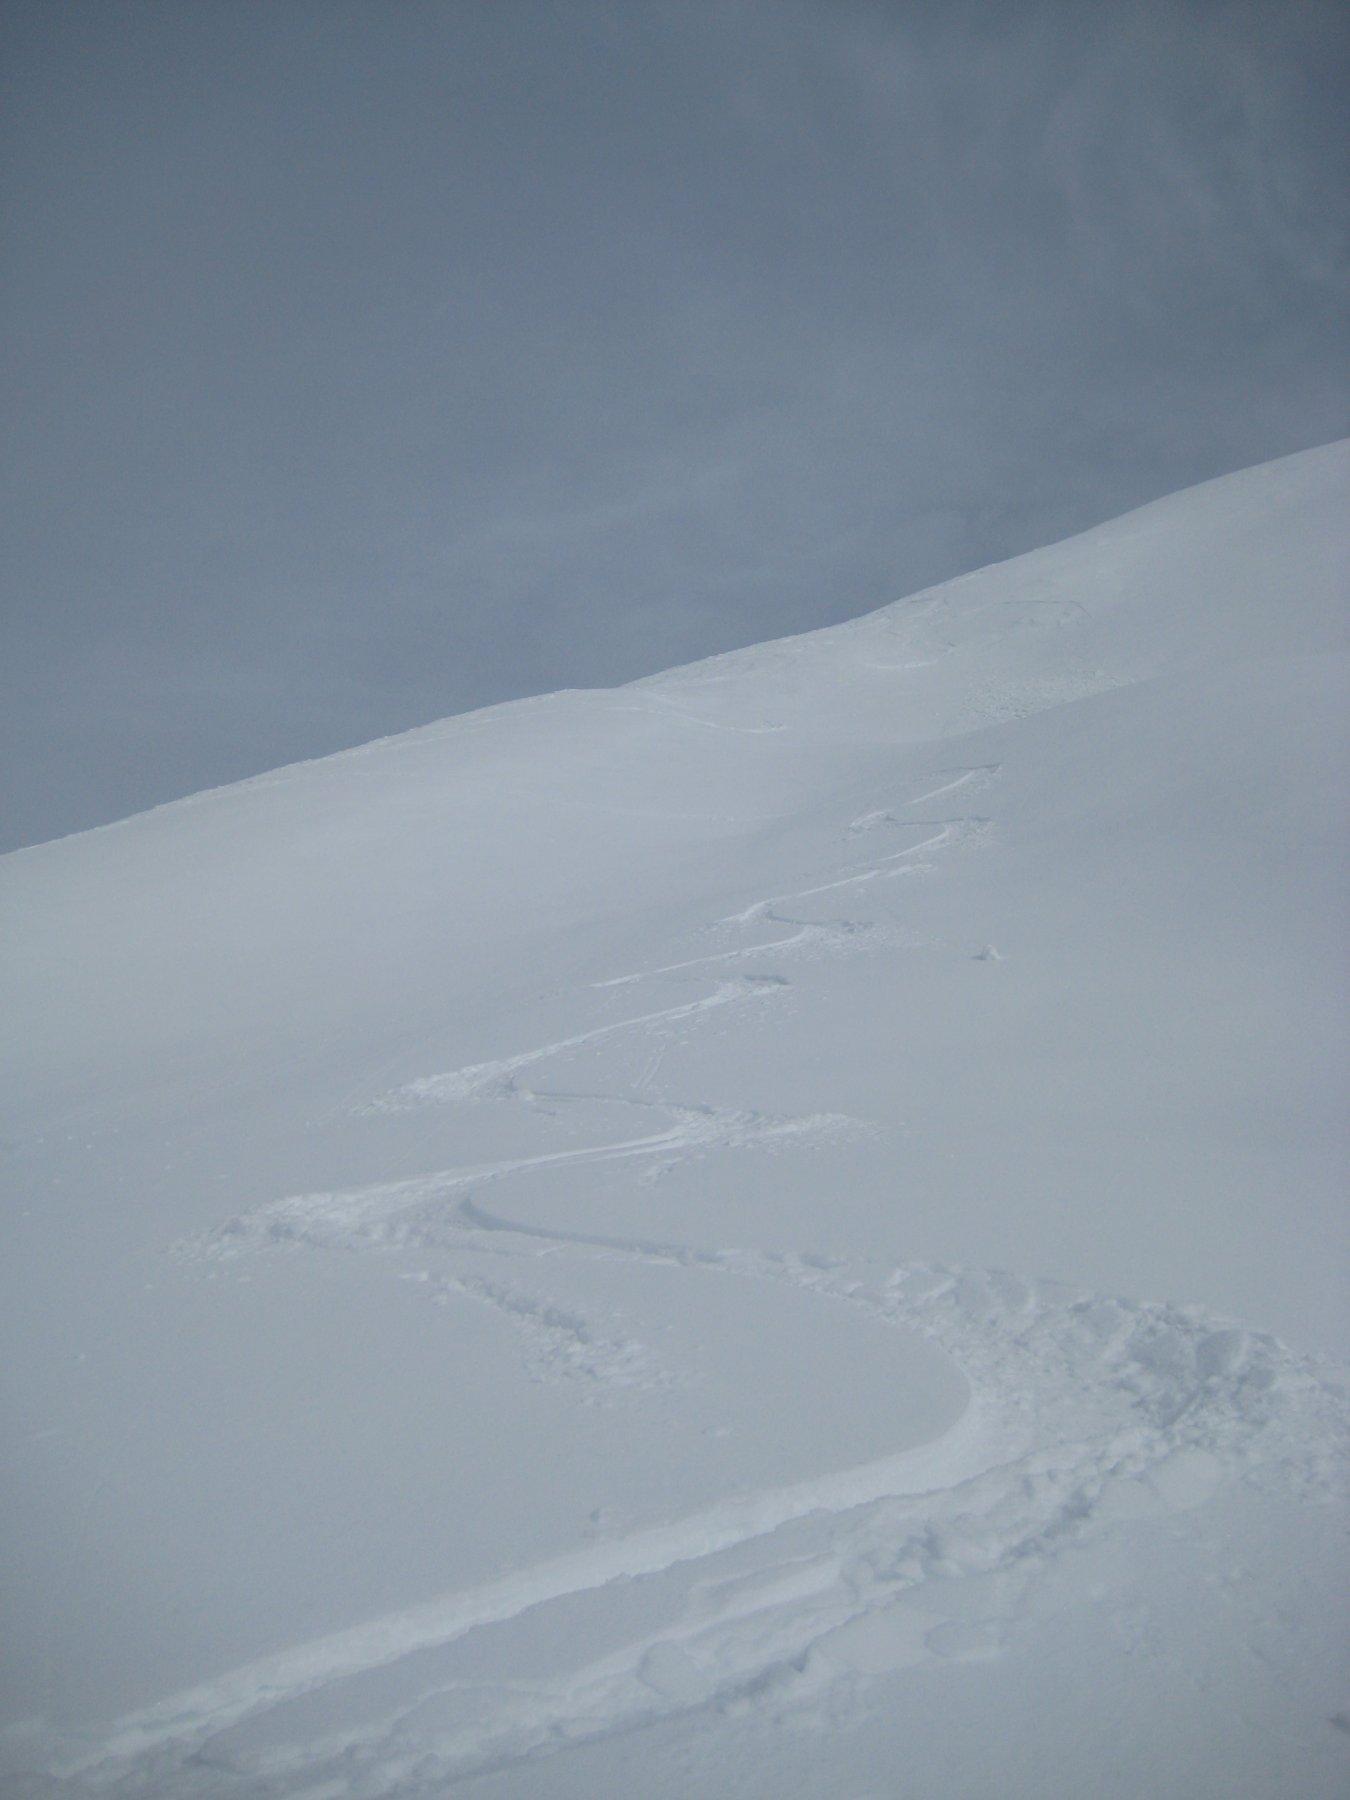 dopo la prima parte un po' crostosa, bella neve